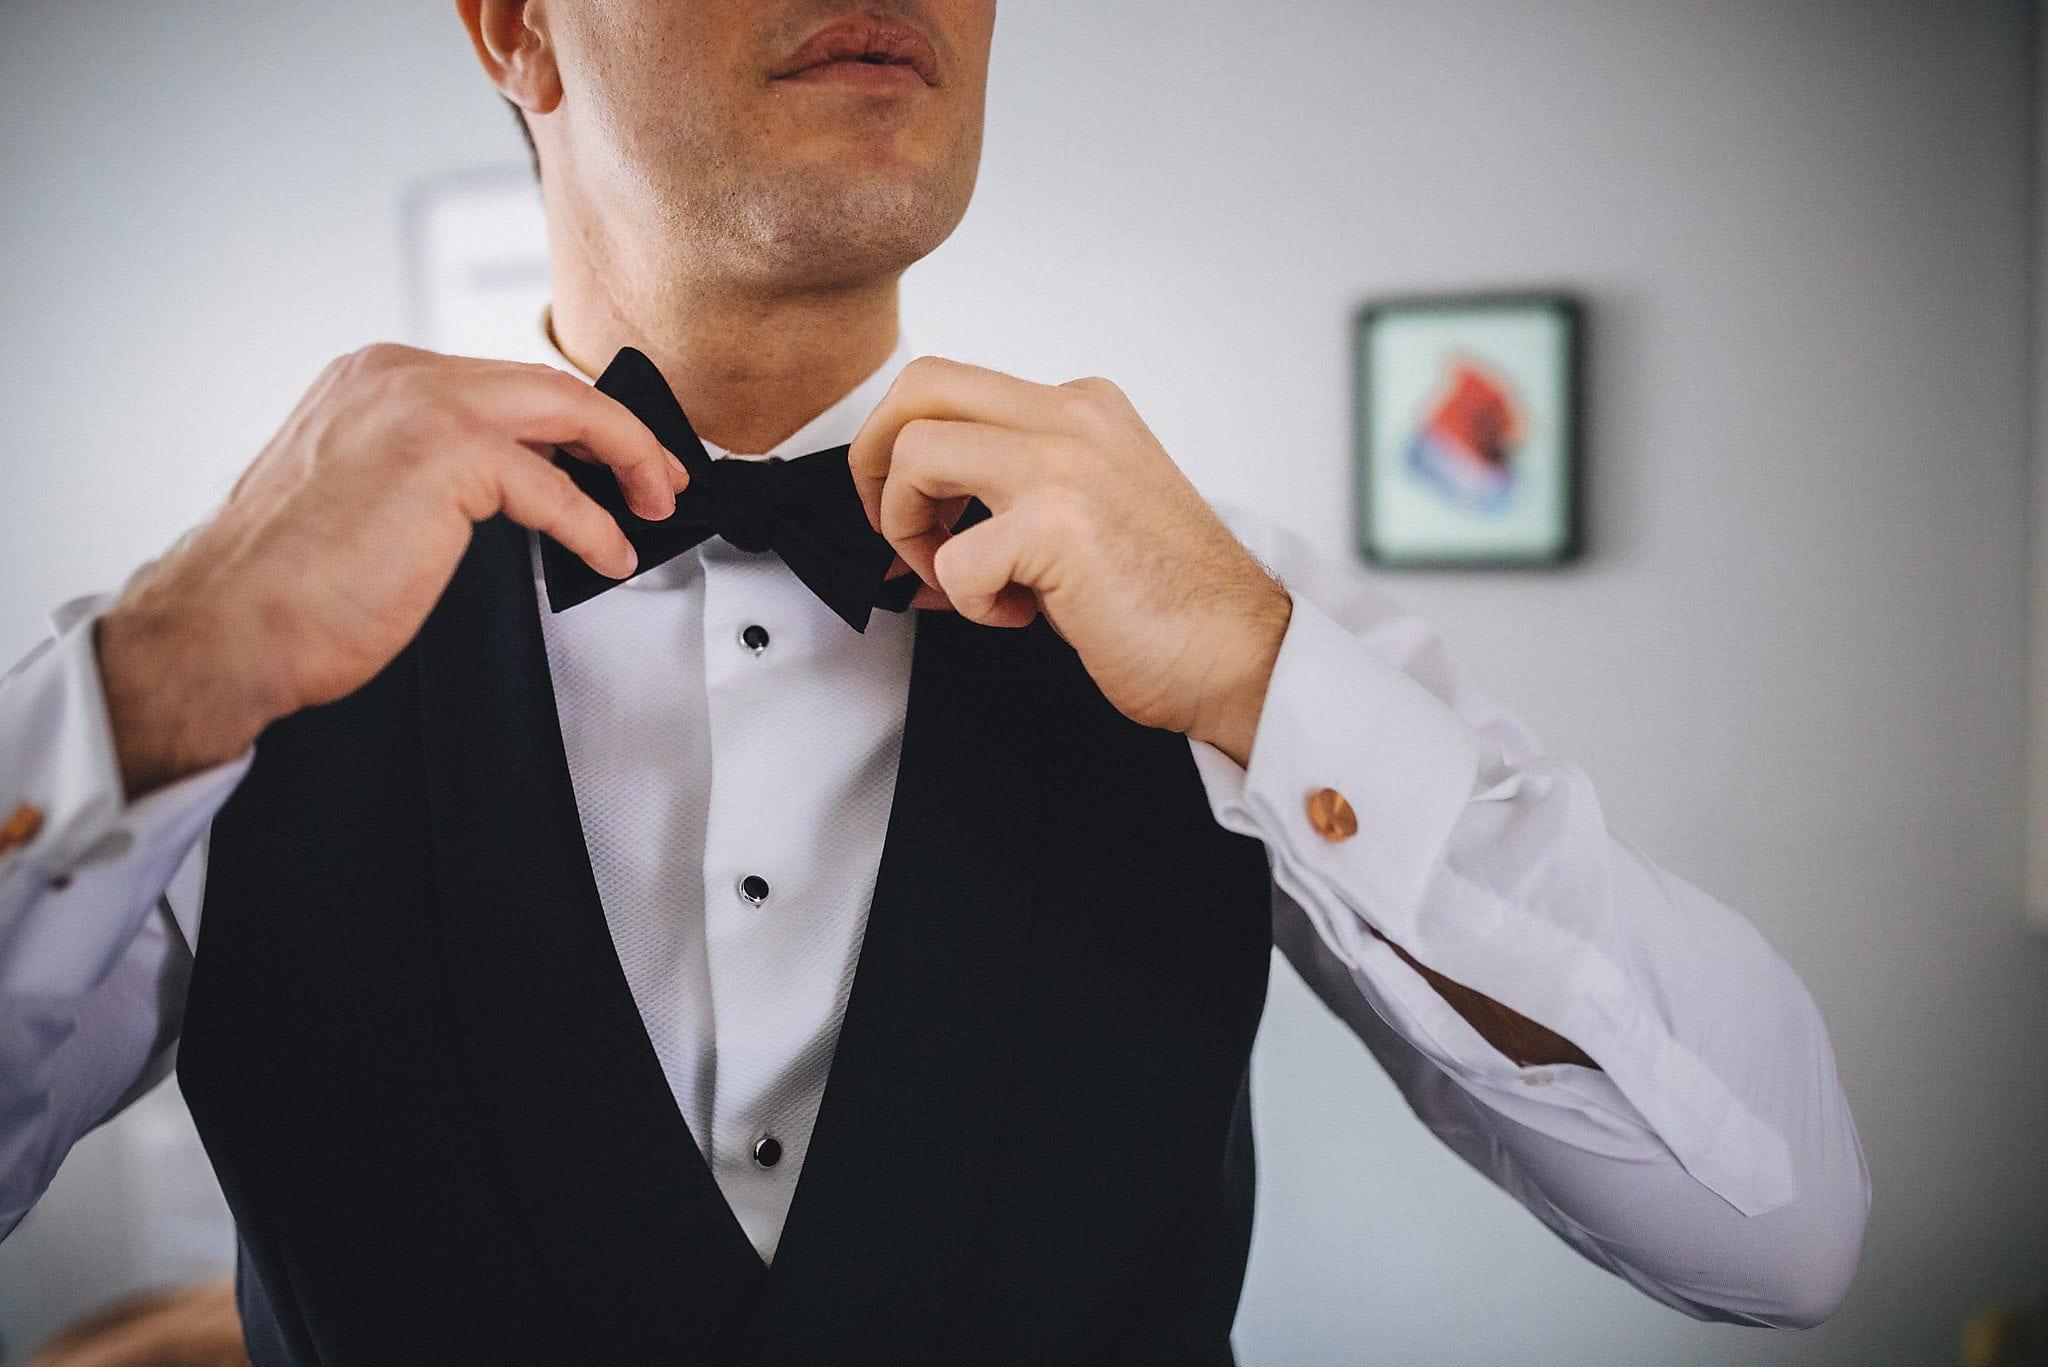 Groom fastening bow tie